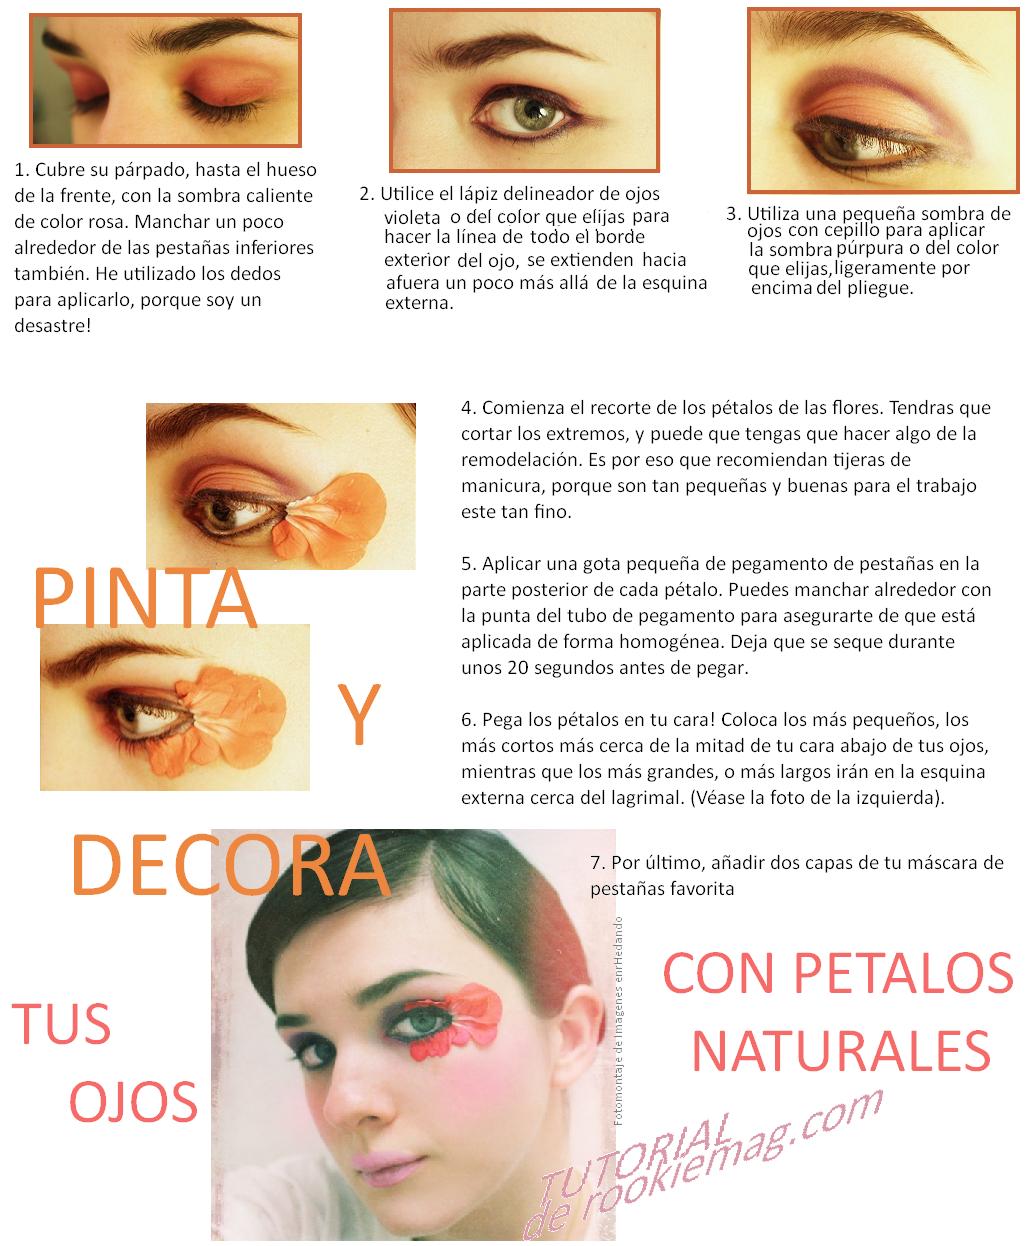 maquillaje, estetica, belleza, ojos, flores en los ojos